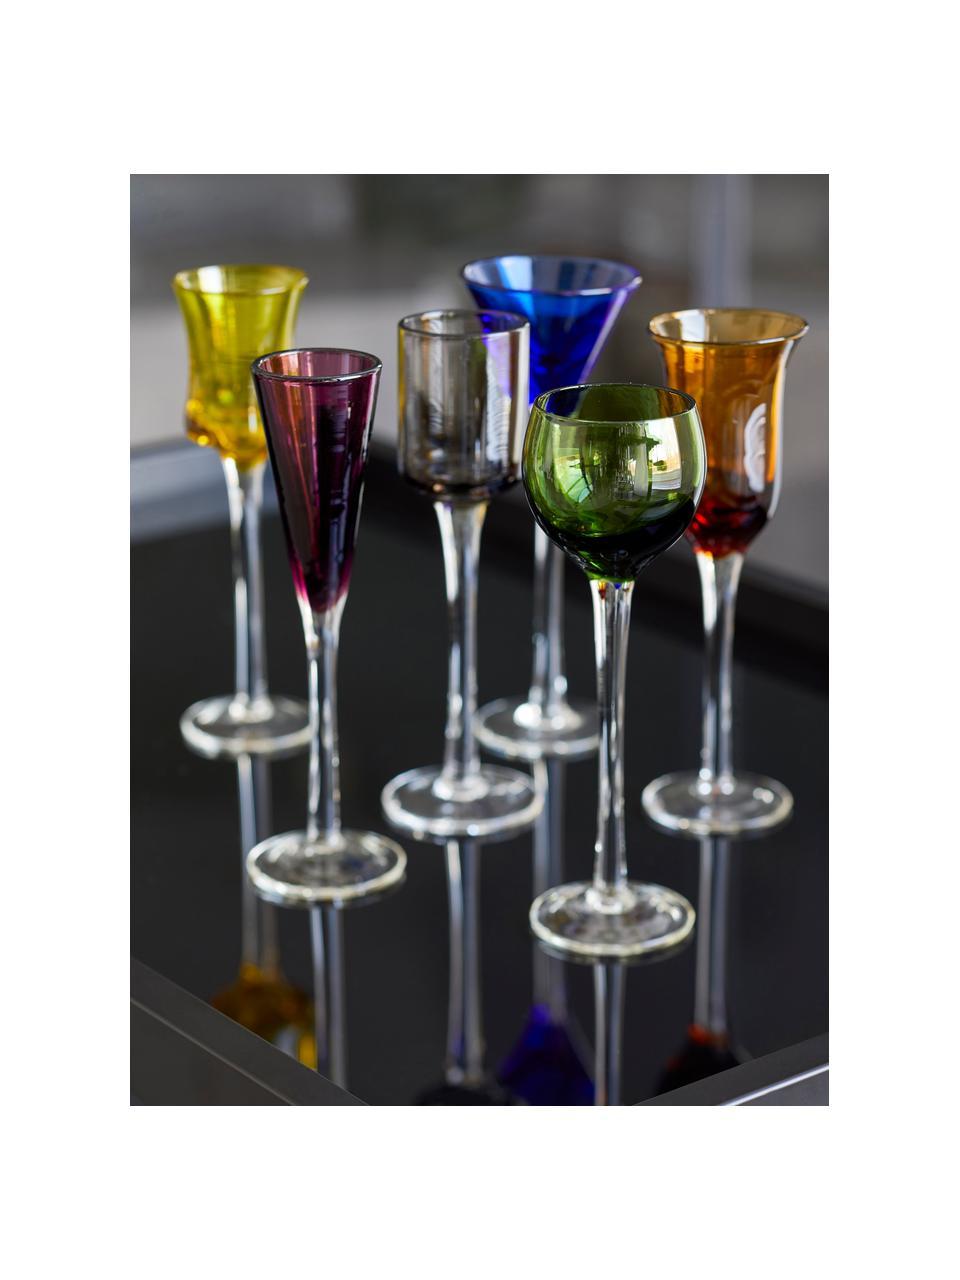 Komplet kieliszków do wódki ze szkła dmuchanego Lyngby, 6 elem., Szkło, Zielony, niebieski, brązowy, żółty, lila, pomarańczowy, Ø 5 x W 16 cm